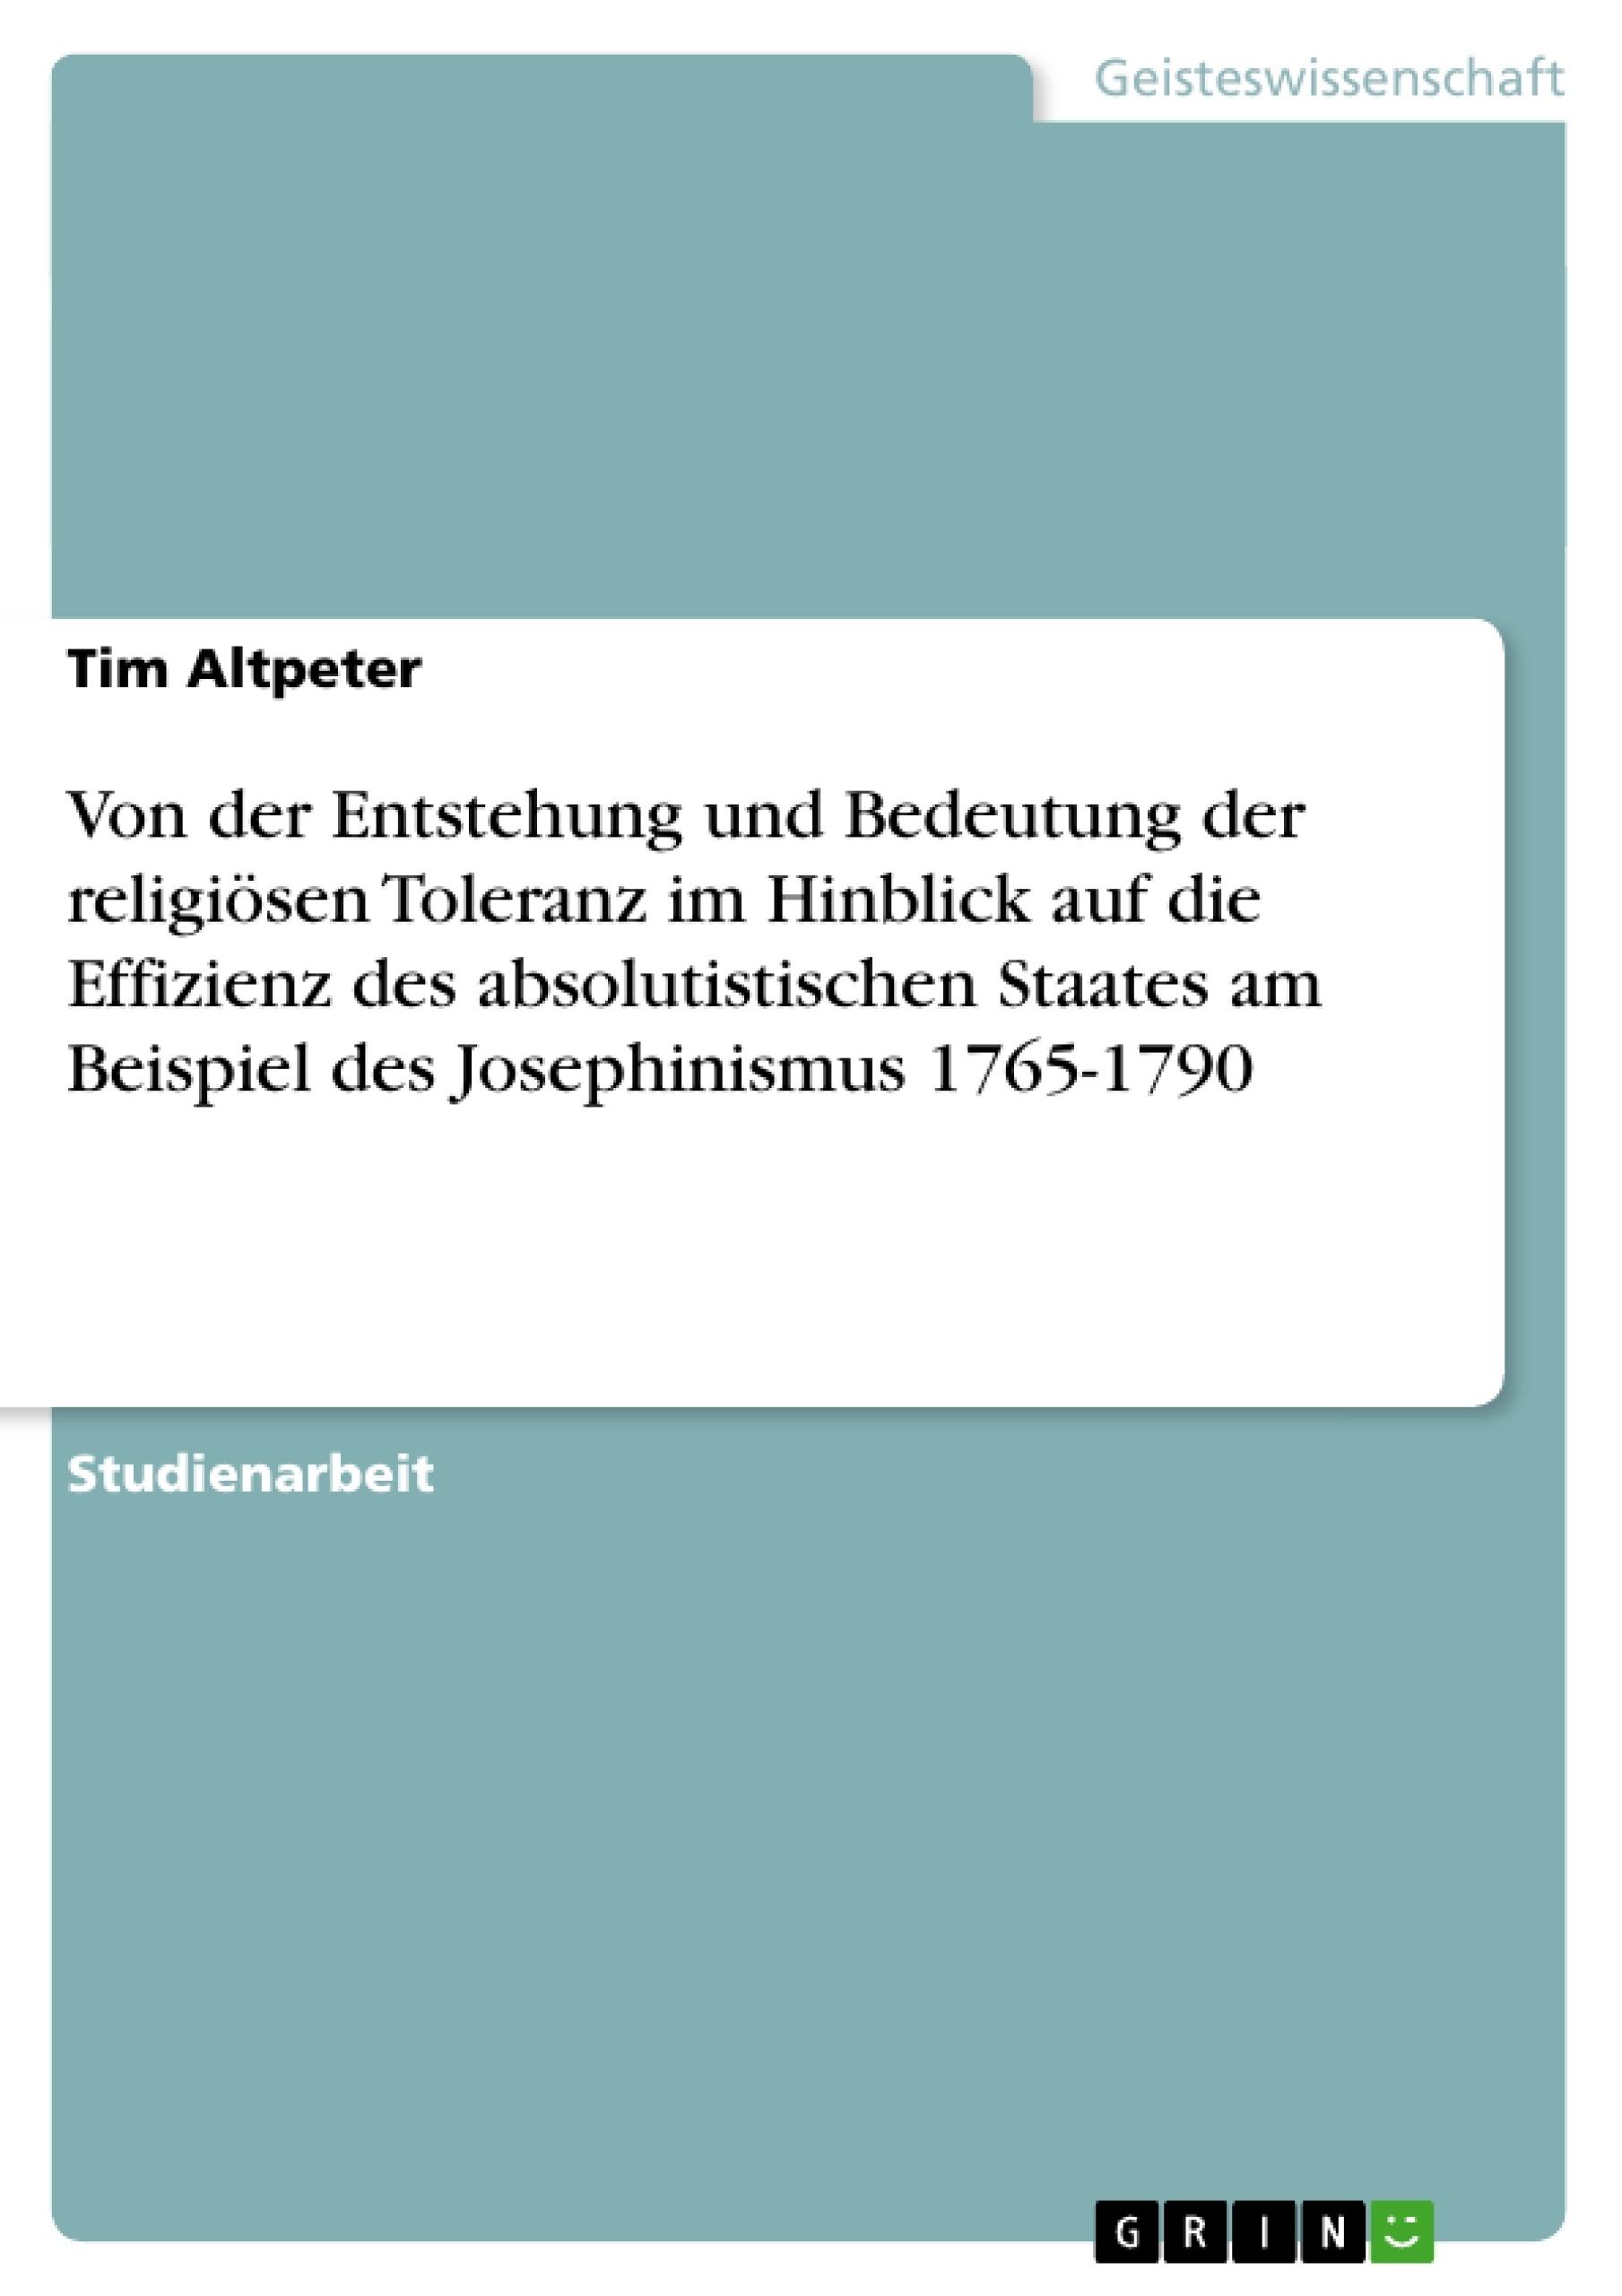 Titel: Von der Entstehung und Bedeutung der religiösen Toleranz im Hinblick auf die Effizienz des absolutistischen Staates am Beispiel des Josephinismus 1765-1790